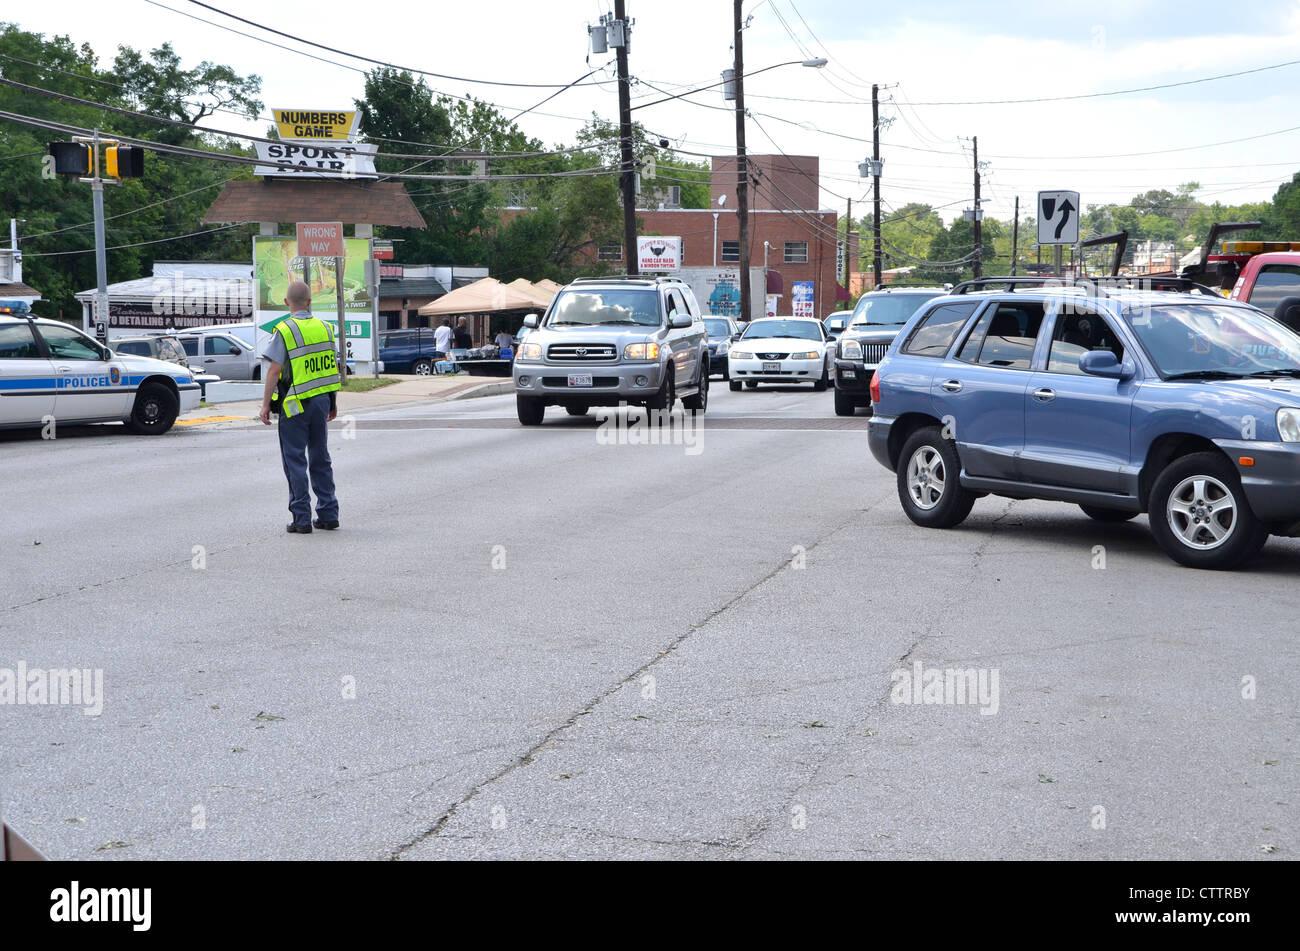 La polizia dirigere traffico dopo un guasto di alimentazione ha messo k.o. il semaforo in corrispondenza di una Immagini Stock